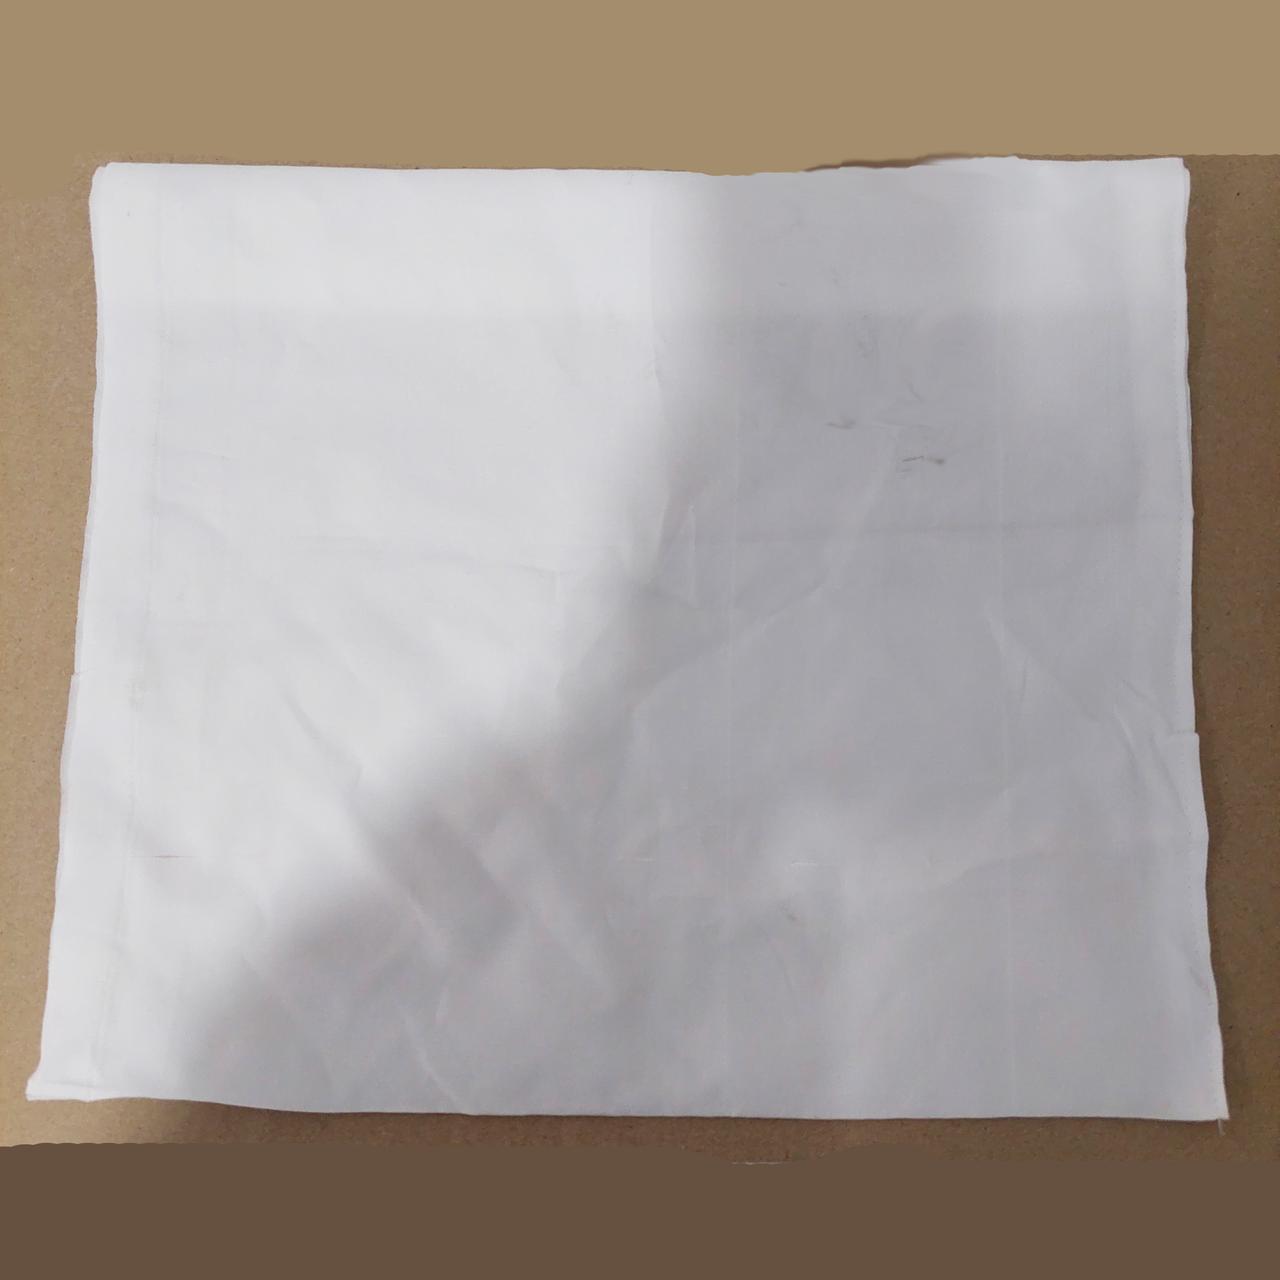 Мешок из лавсана для сока 10л. Размер 40х40см. Подходит для отжима сока и молочных продуктов.